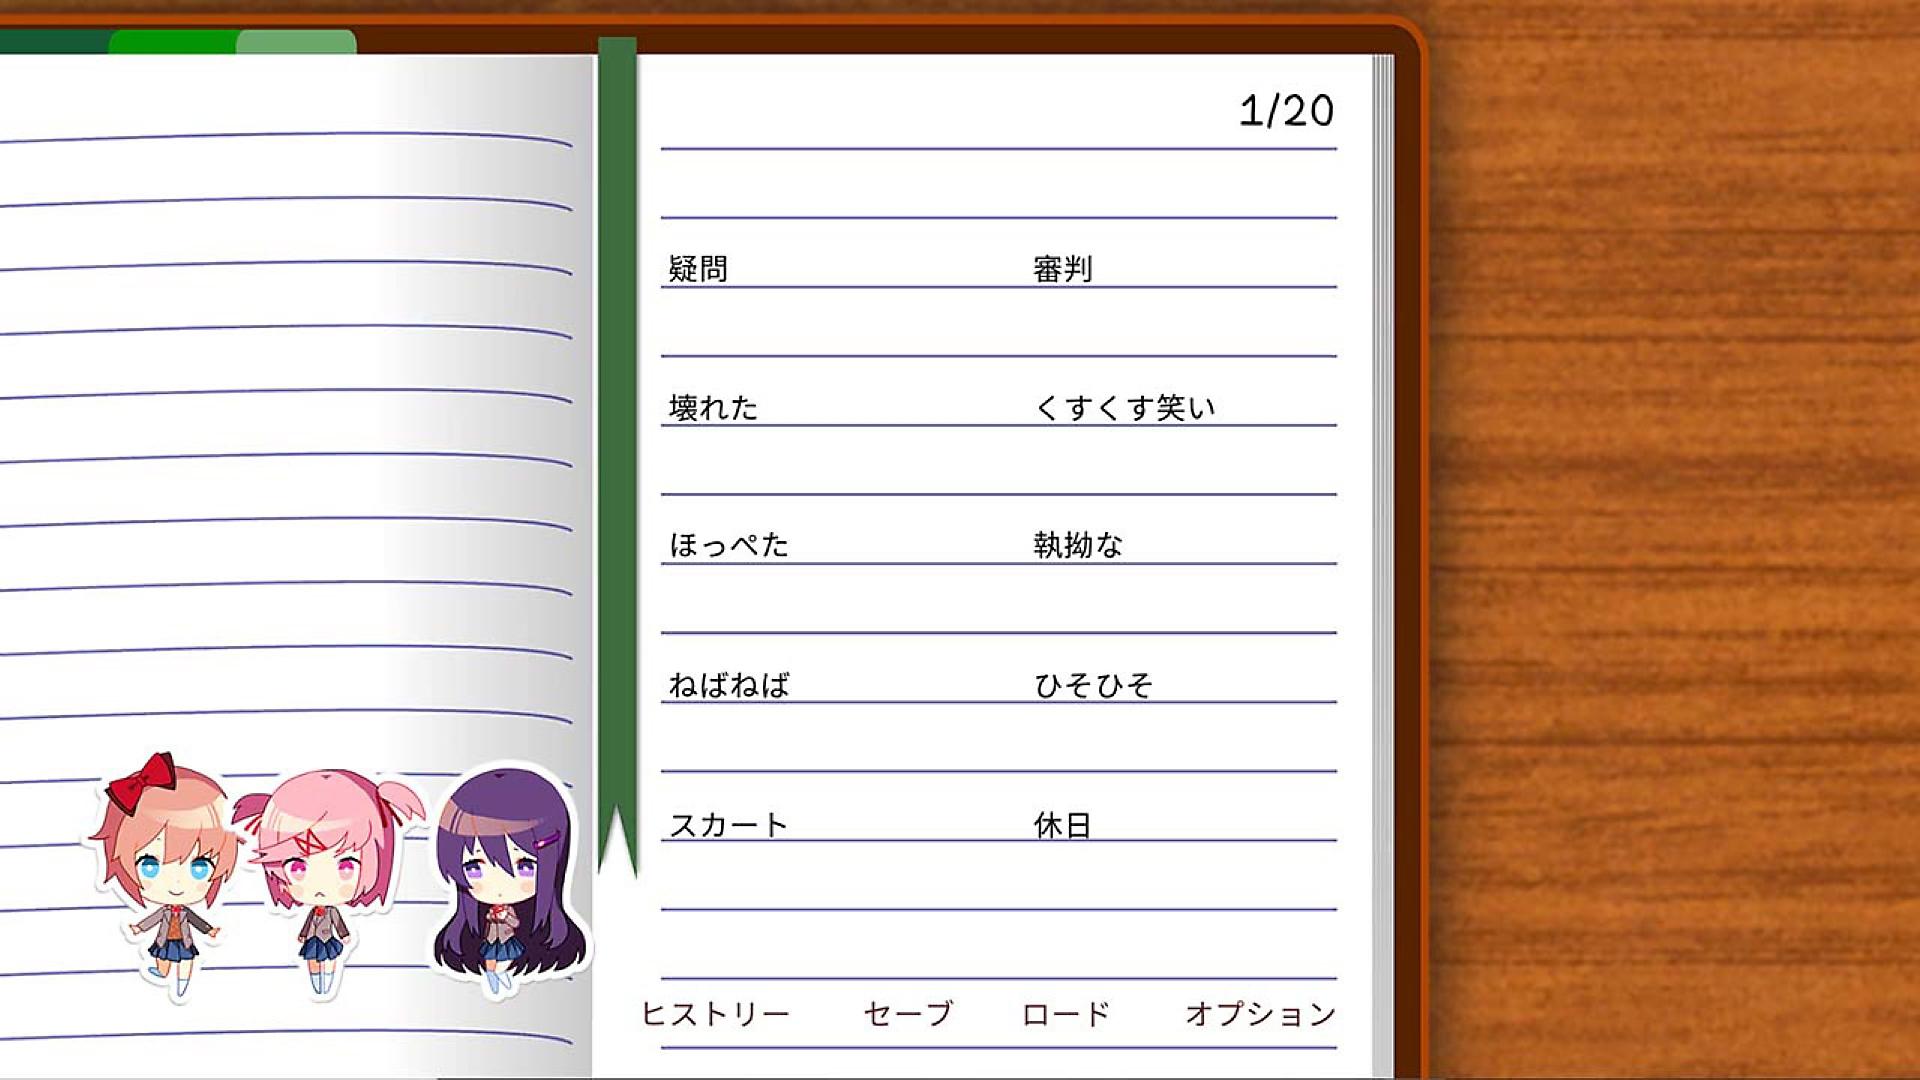 ドキドキ文芸部プラス! - Gallery Screenshot 6